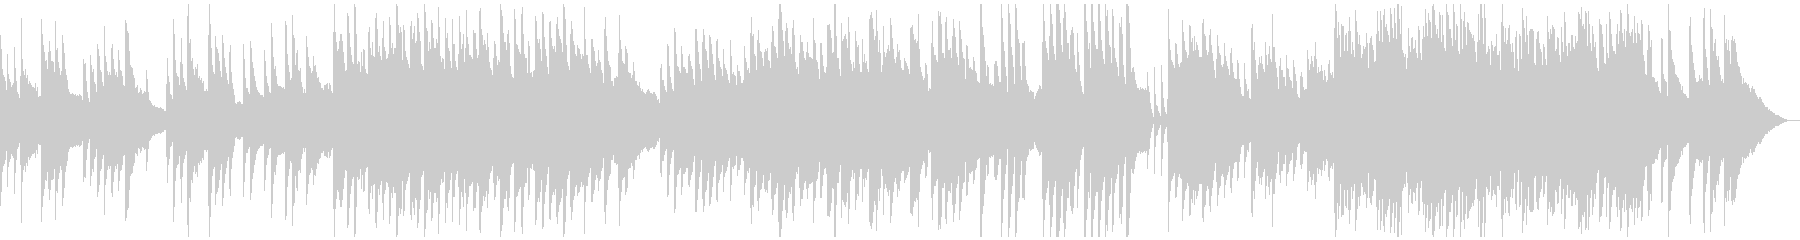 切ないピアノのインストの未再生の波形